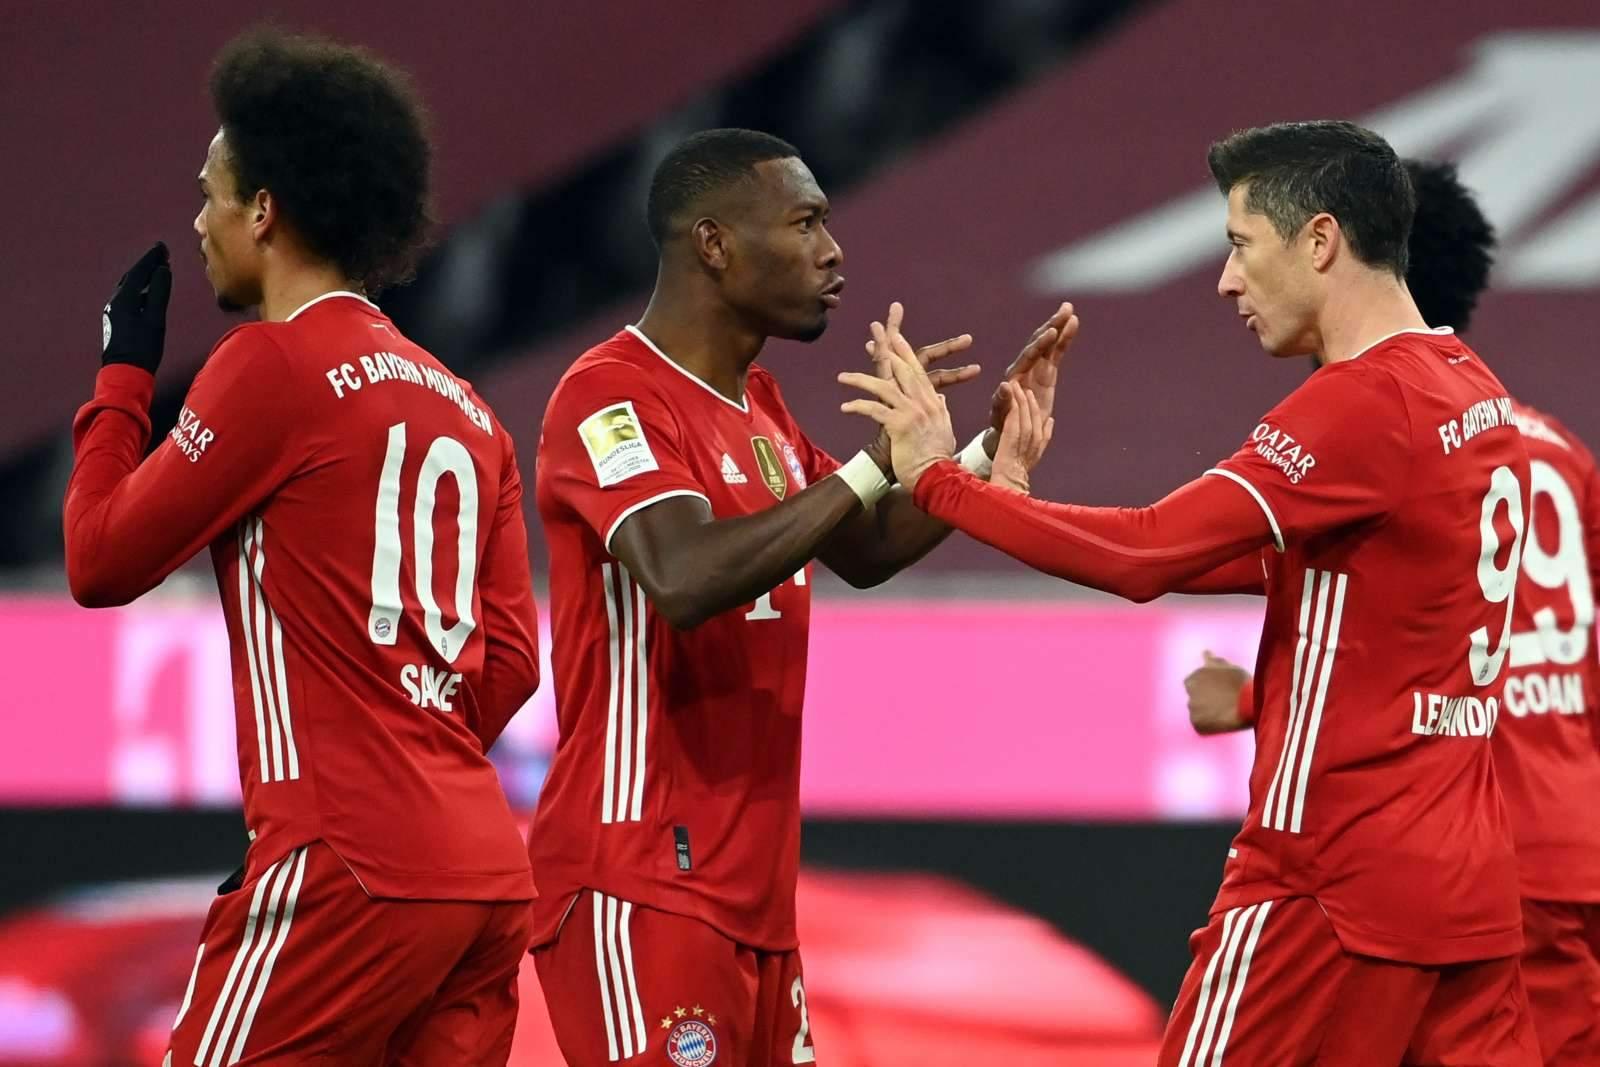 «Бавария» спокойно одолела «Вердер», по 3 очка у «Вольфсбурга», «Майнца» и «Униона»